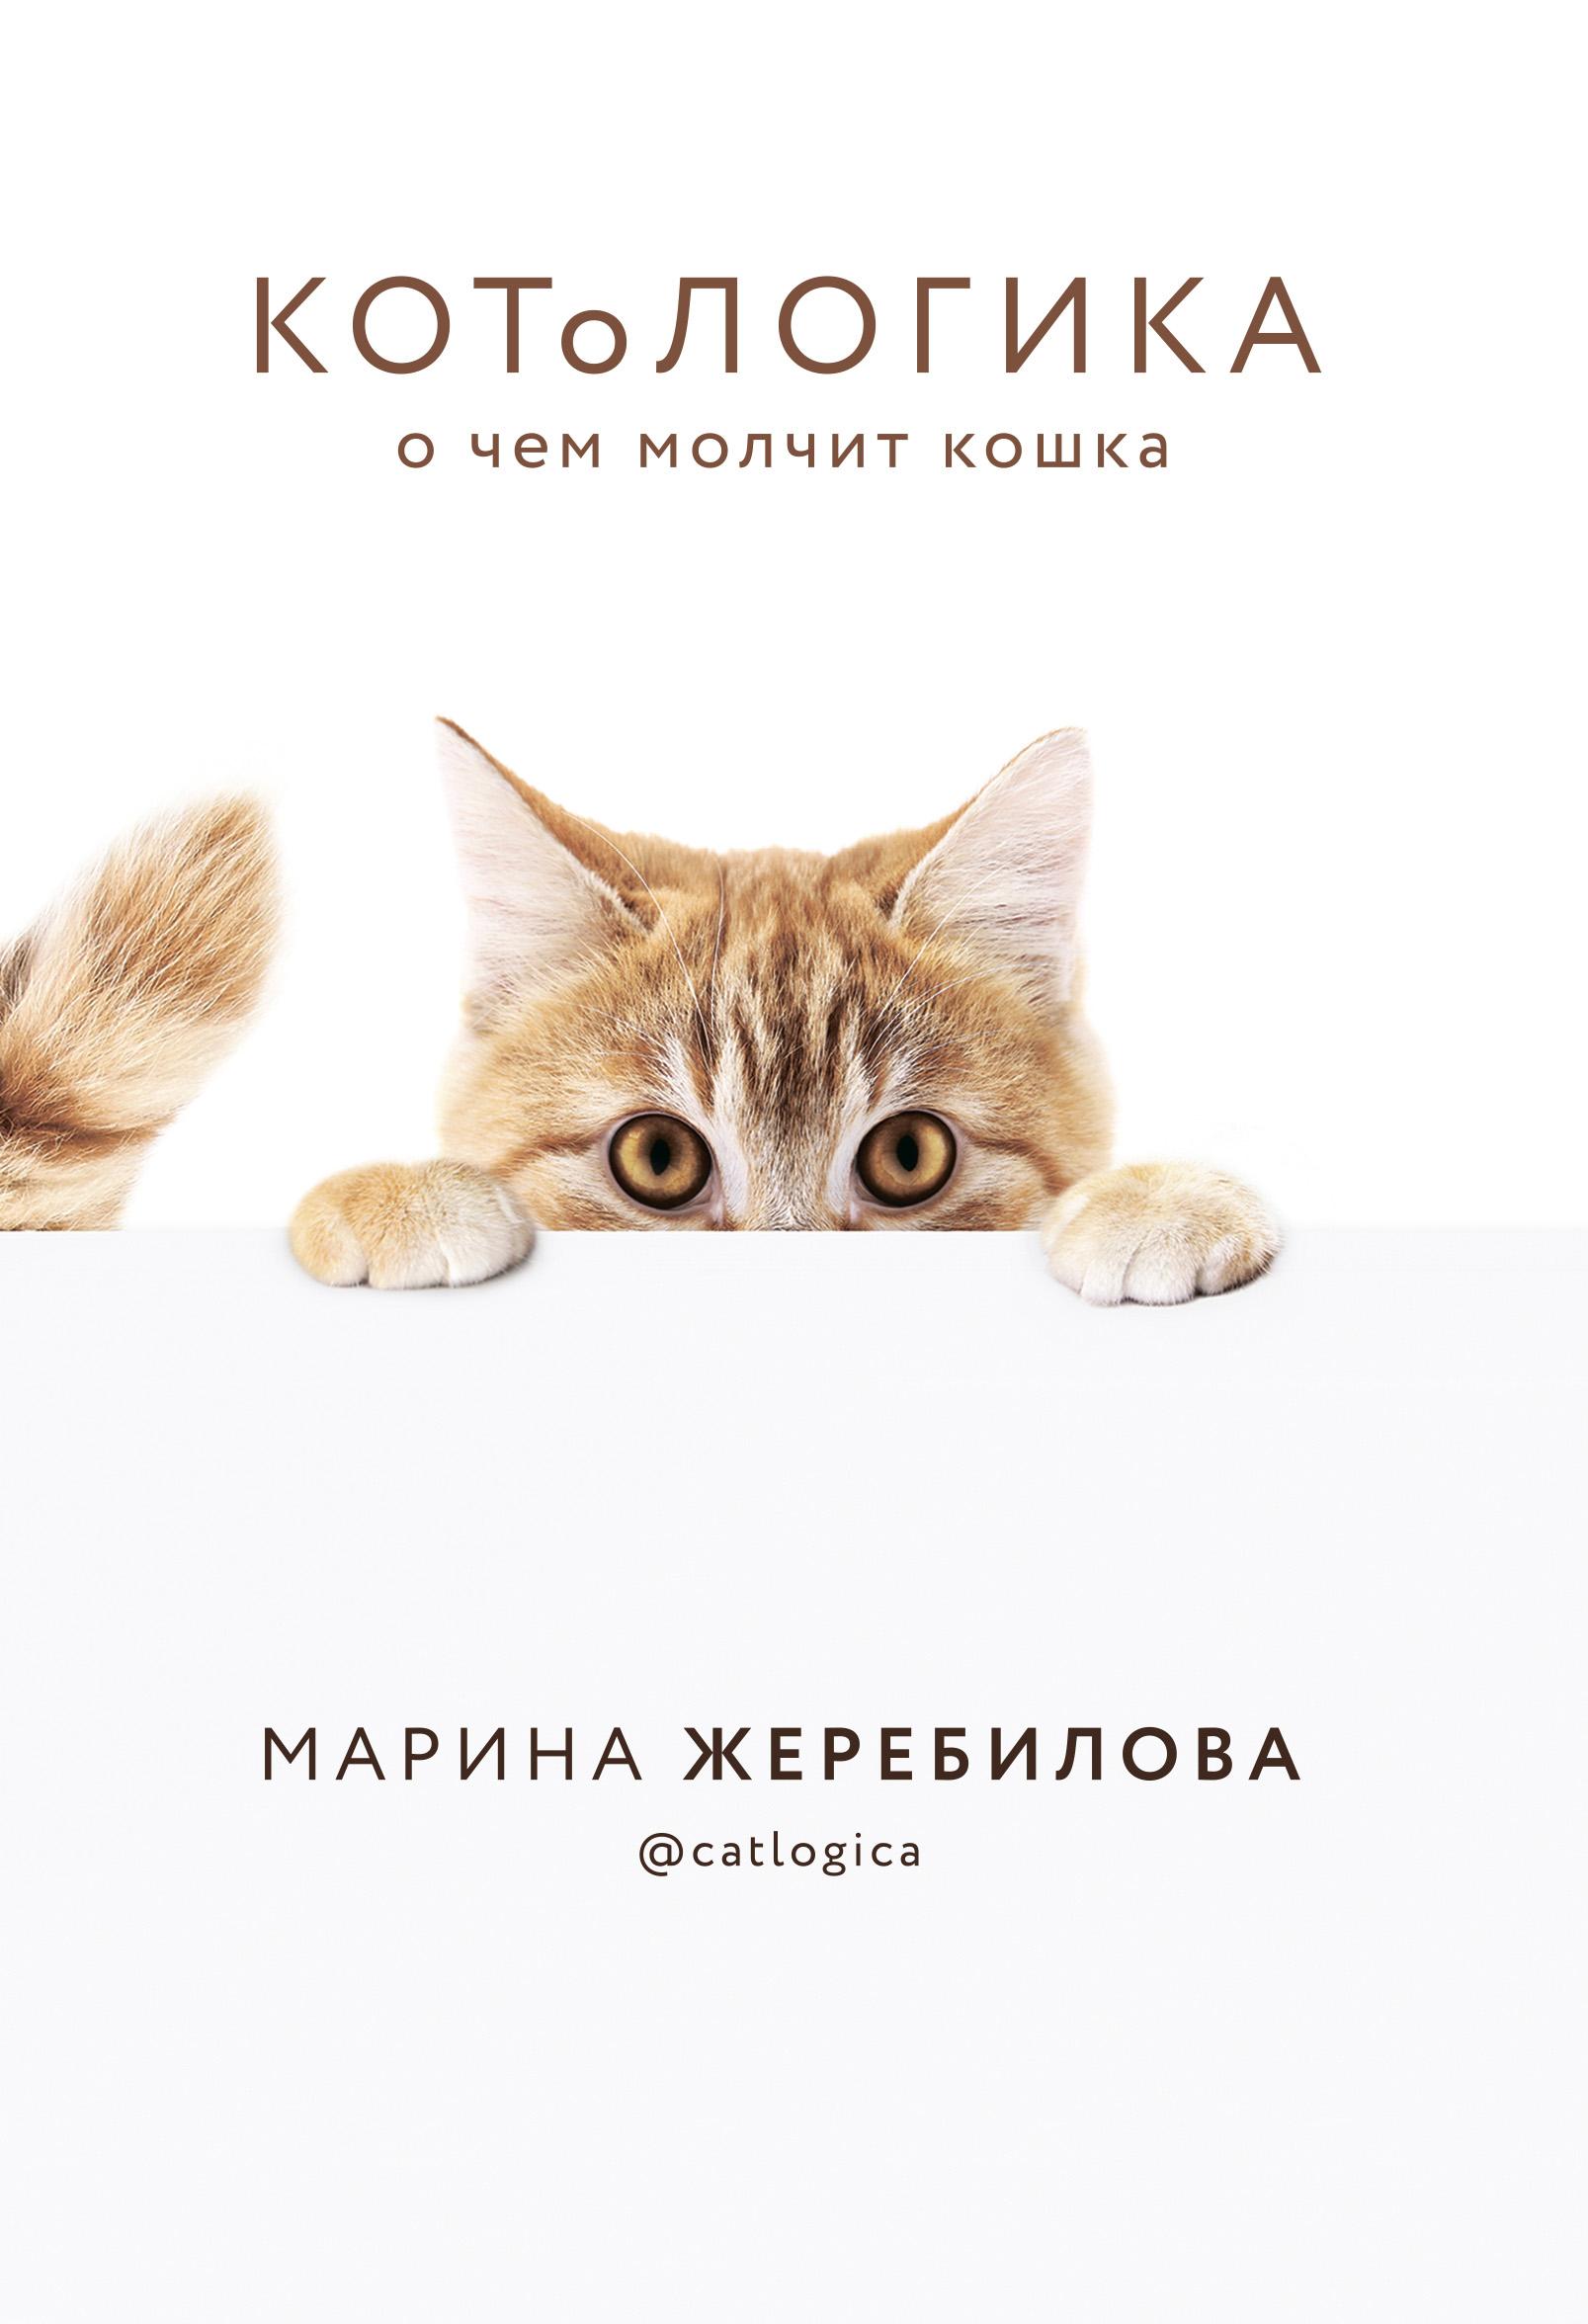 Купить книгу КОТоЛОГИКА. О чем молчит кошка, автора Марины Жеребиловой